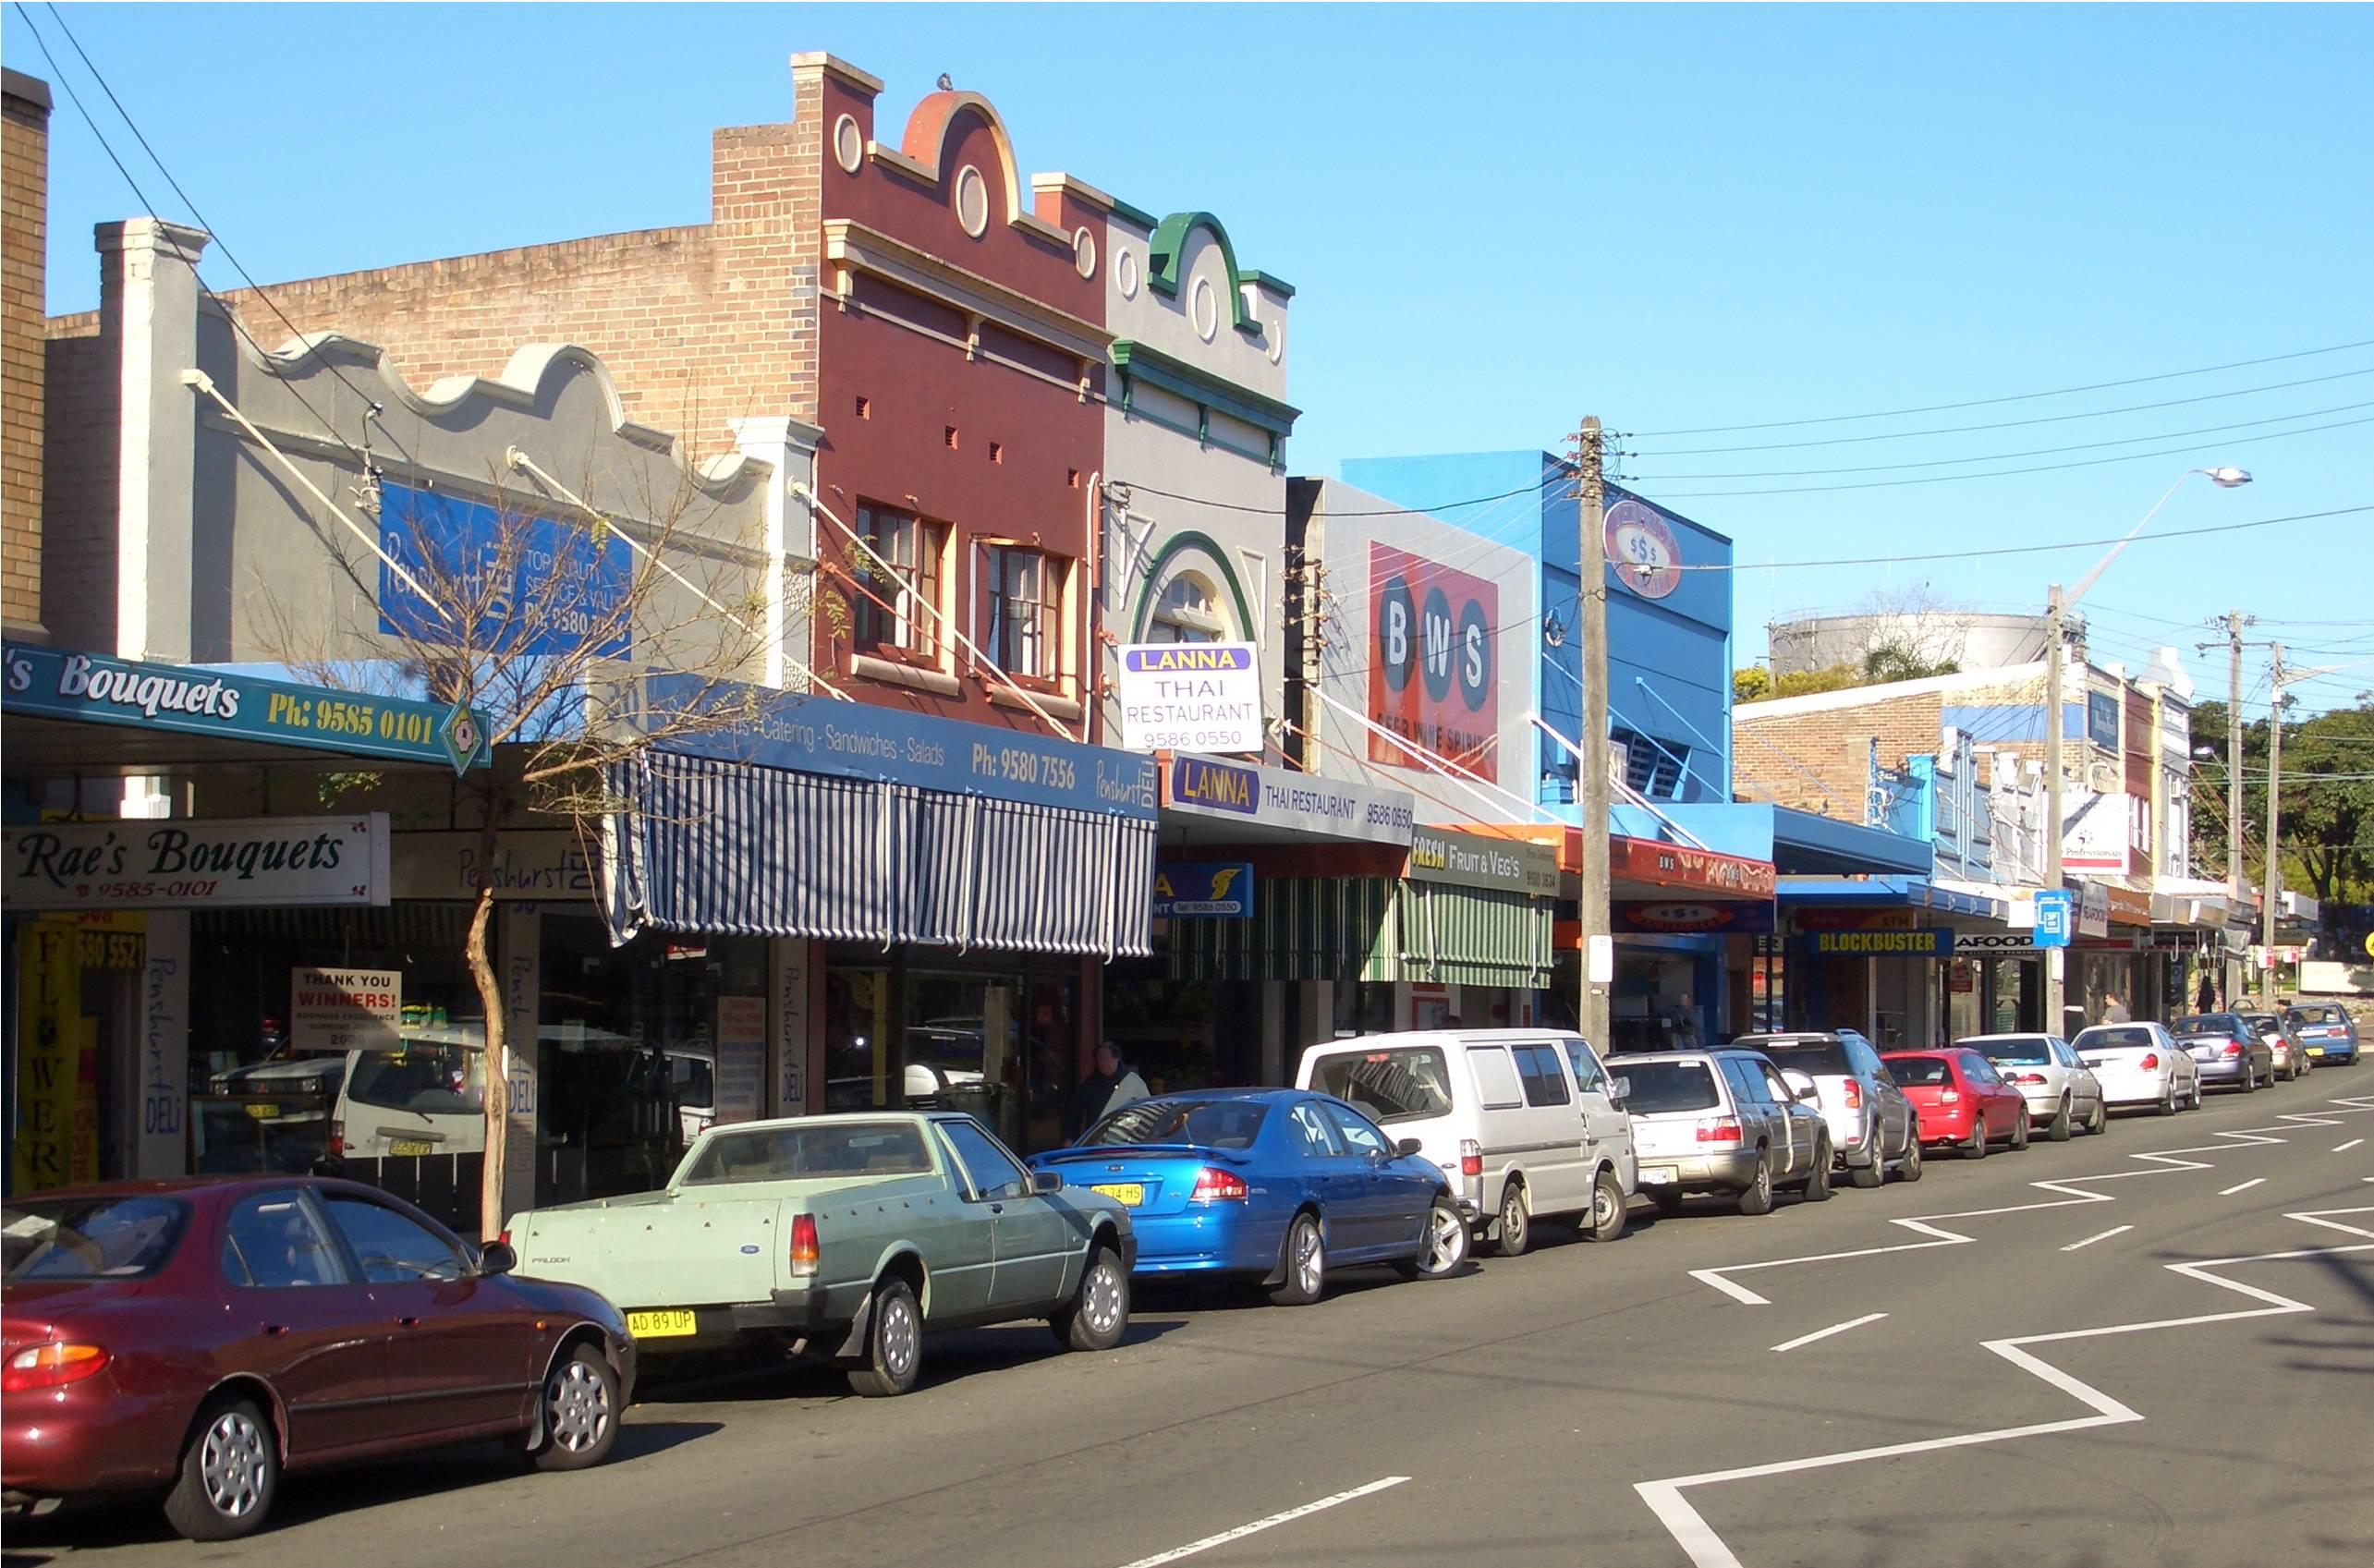 the pen shop sydney city - photo#19